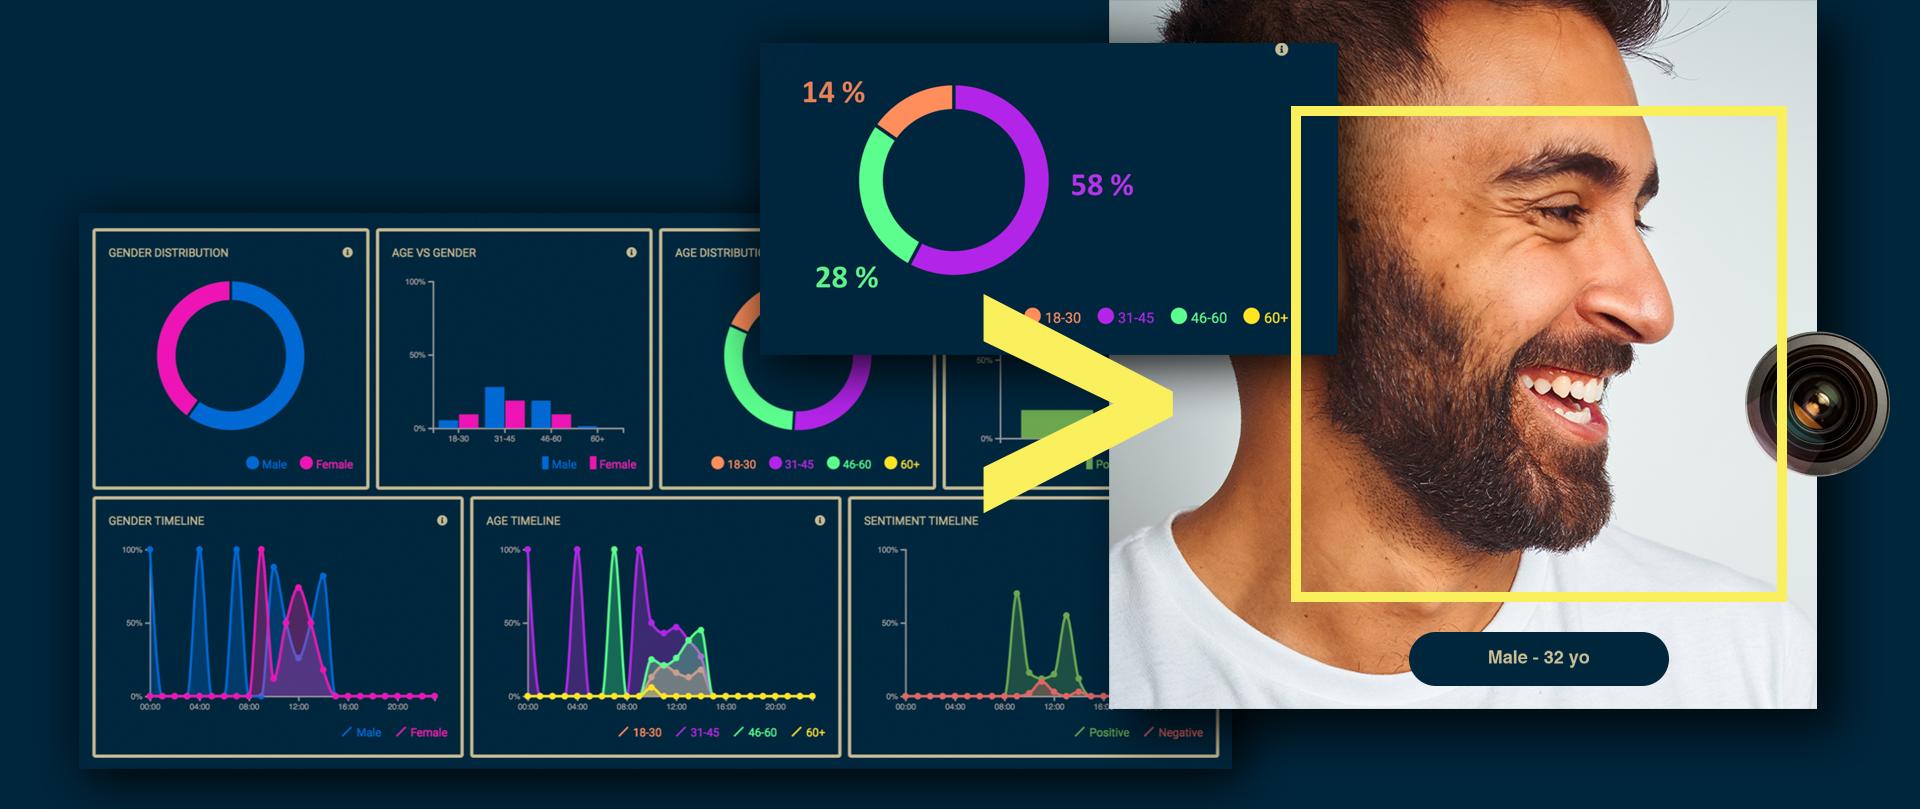 Viso scansionato di uomo con invio di dati alla piattaforma per l'elaborazione